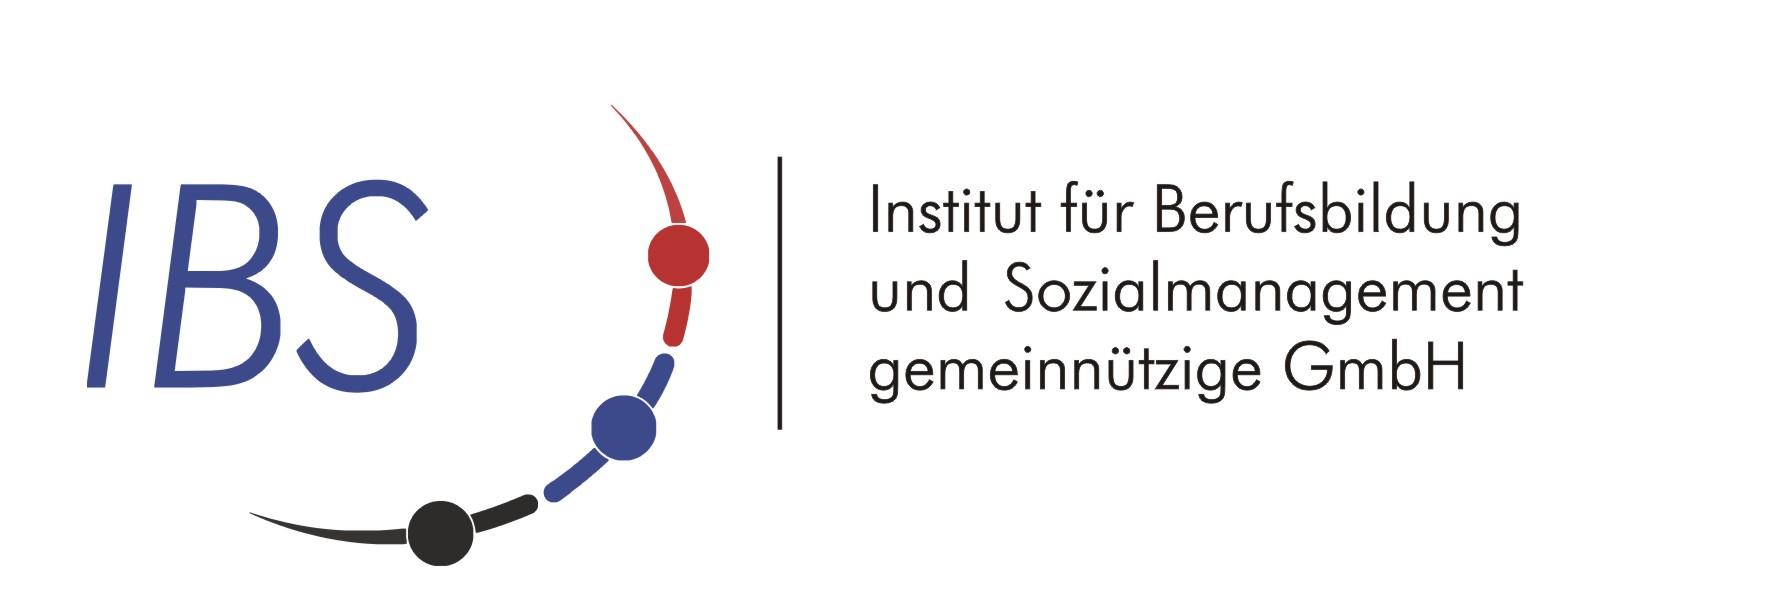 Institut für Berufsbildung und Sozialmanagement